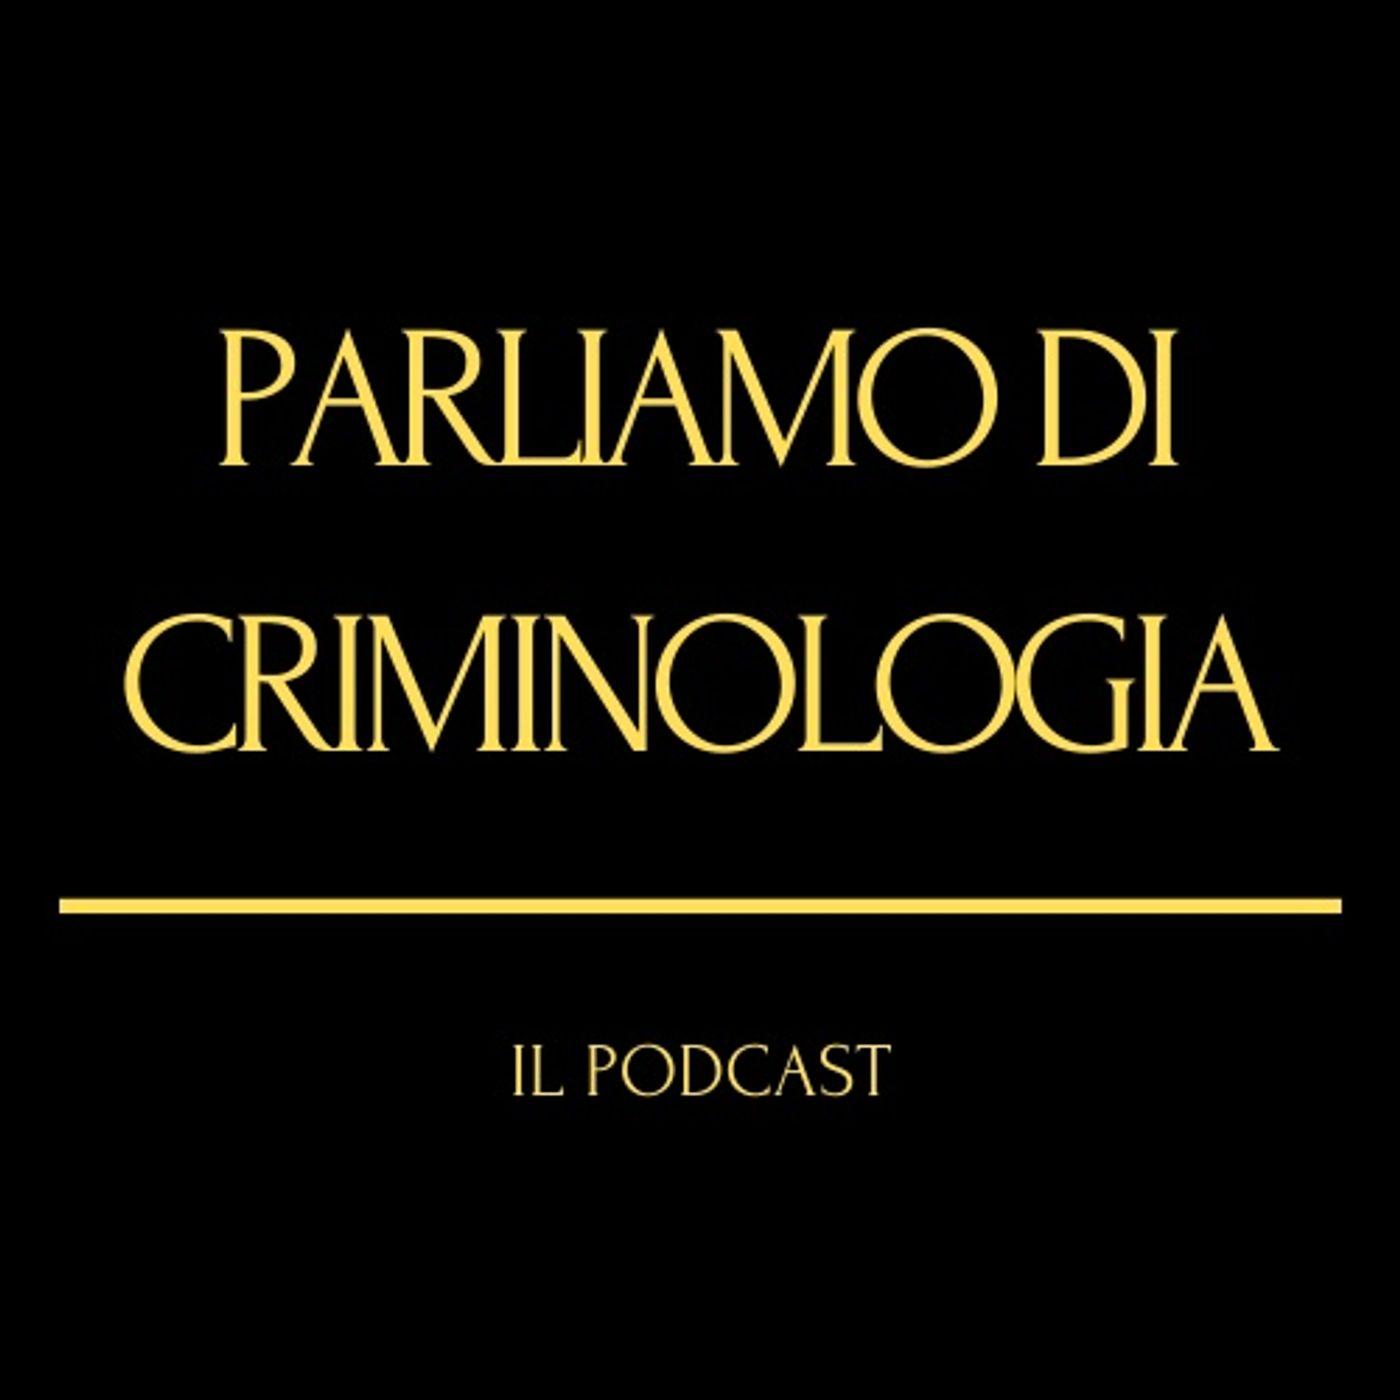 Parliamo di Criminologia